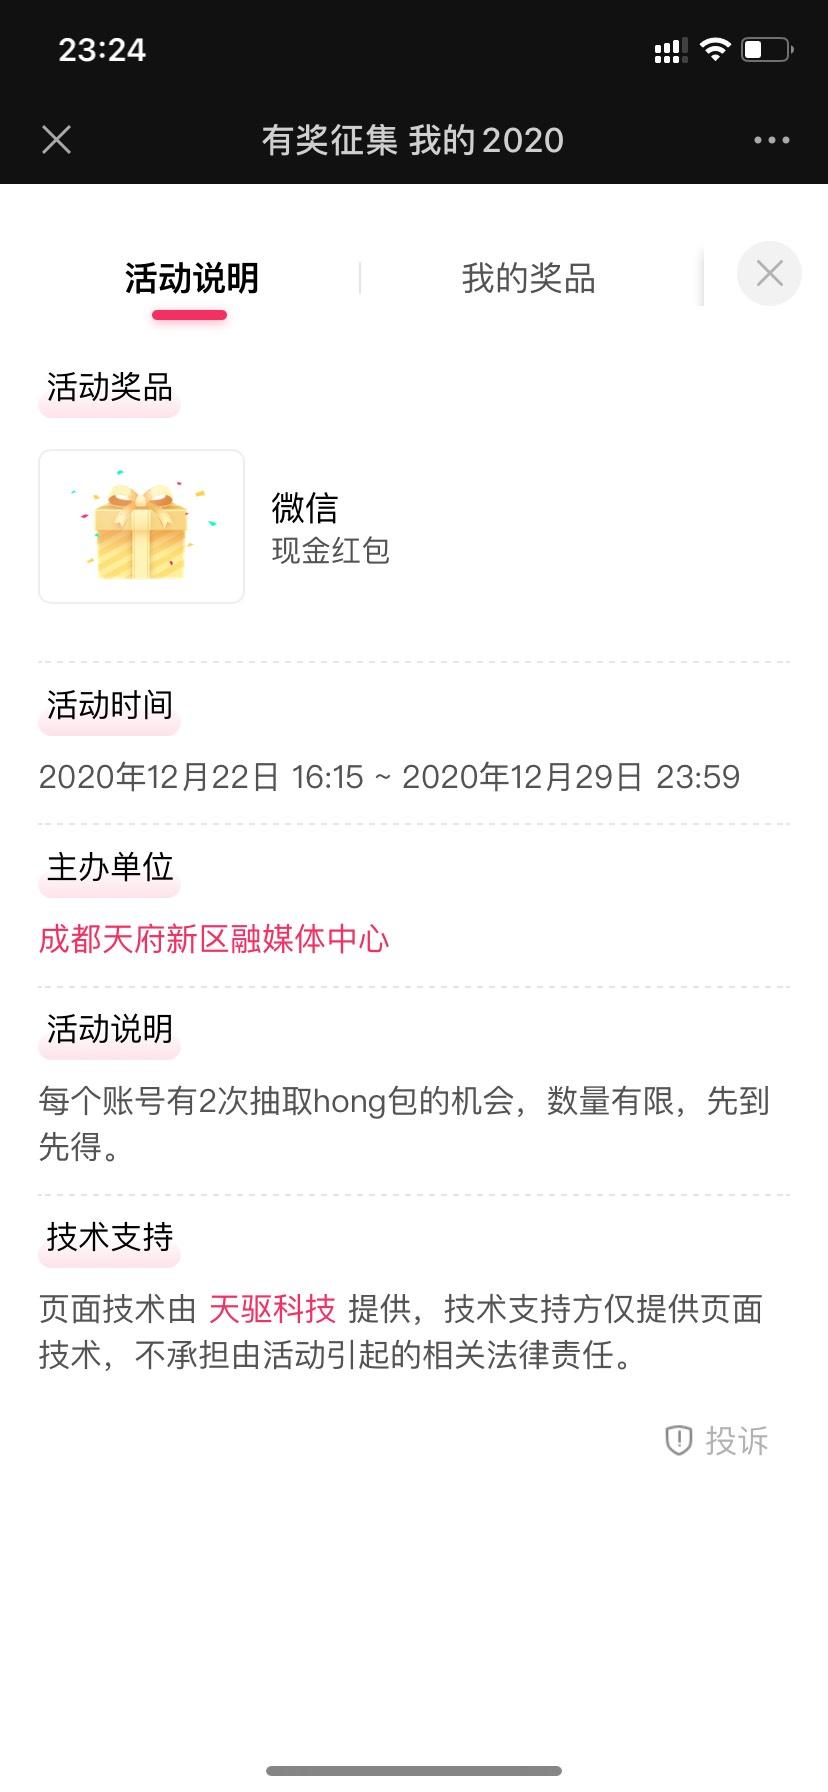 图片[1]-天府发布抽微信红包-老友薅羊毛活动线报网